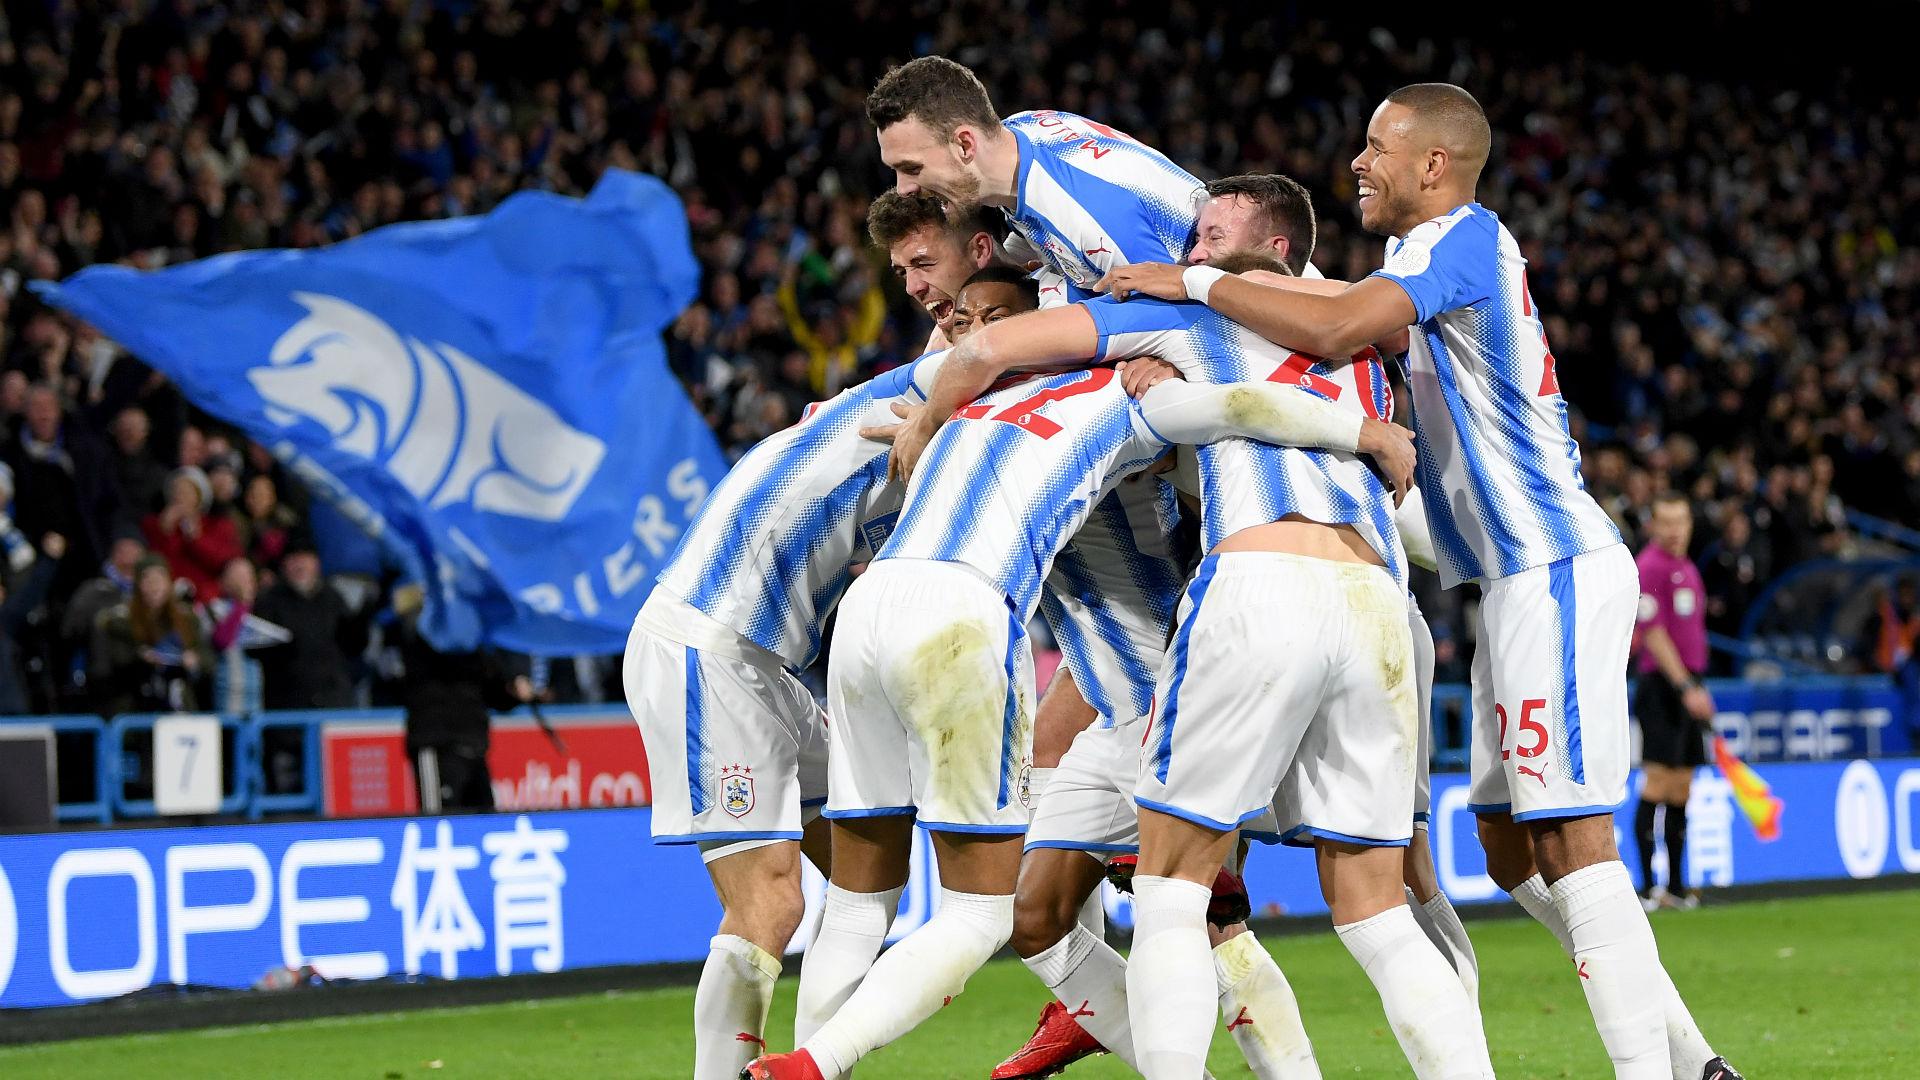 Huddersfield celebrate v Manchester City 261117